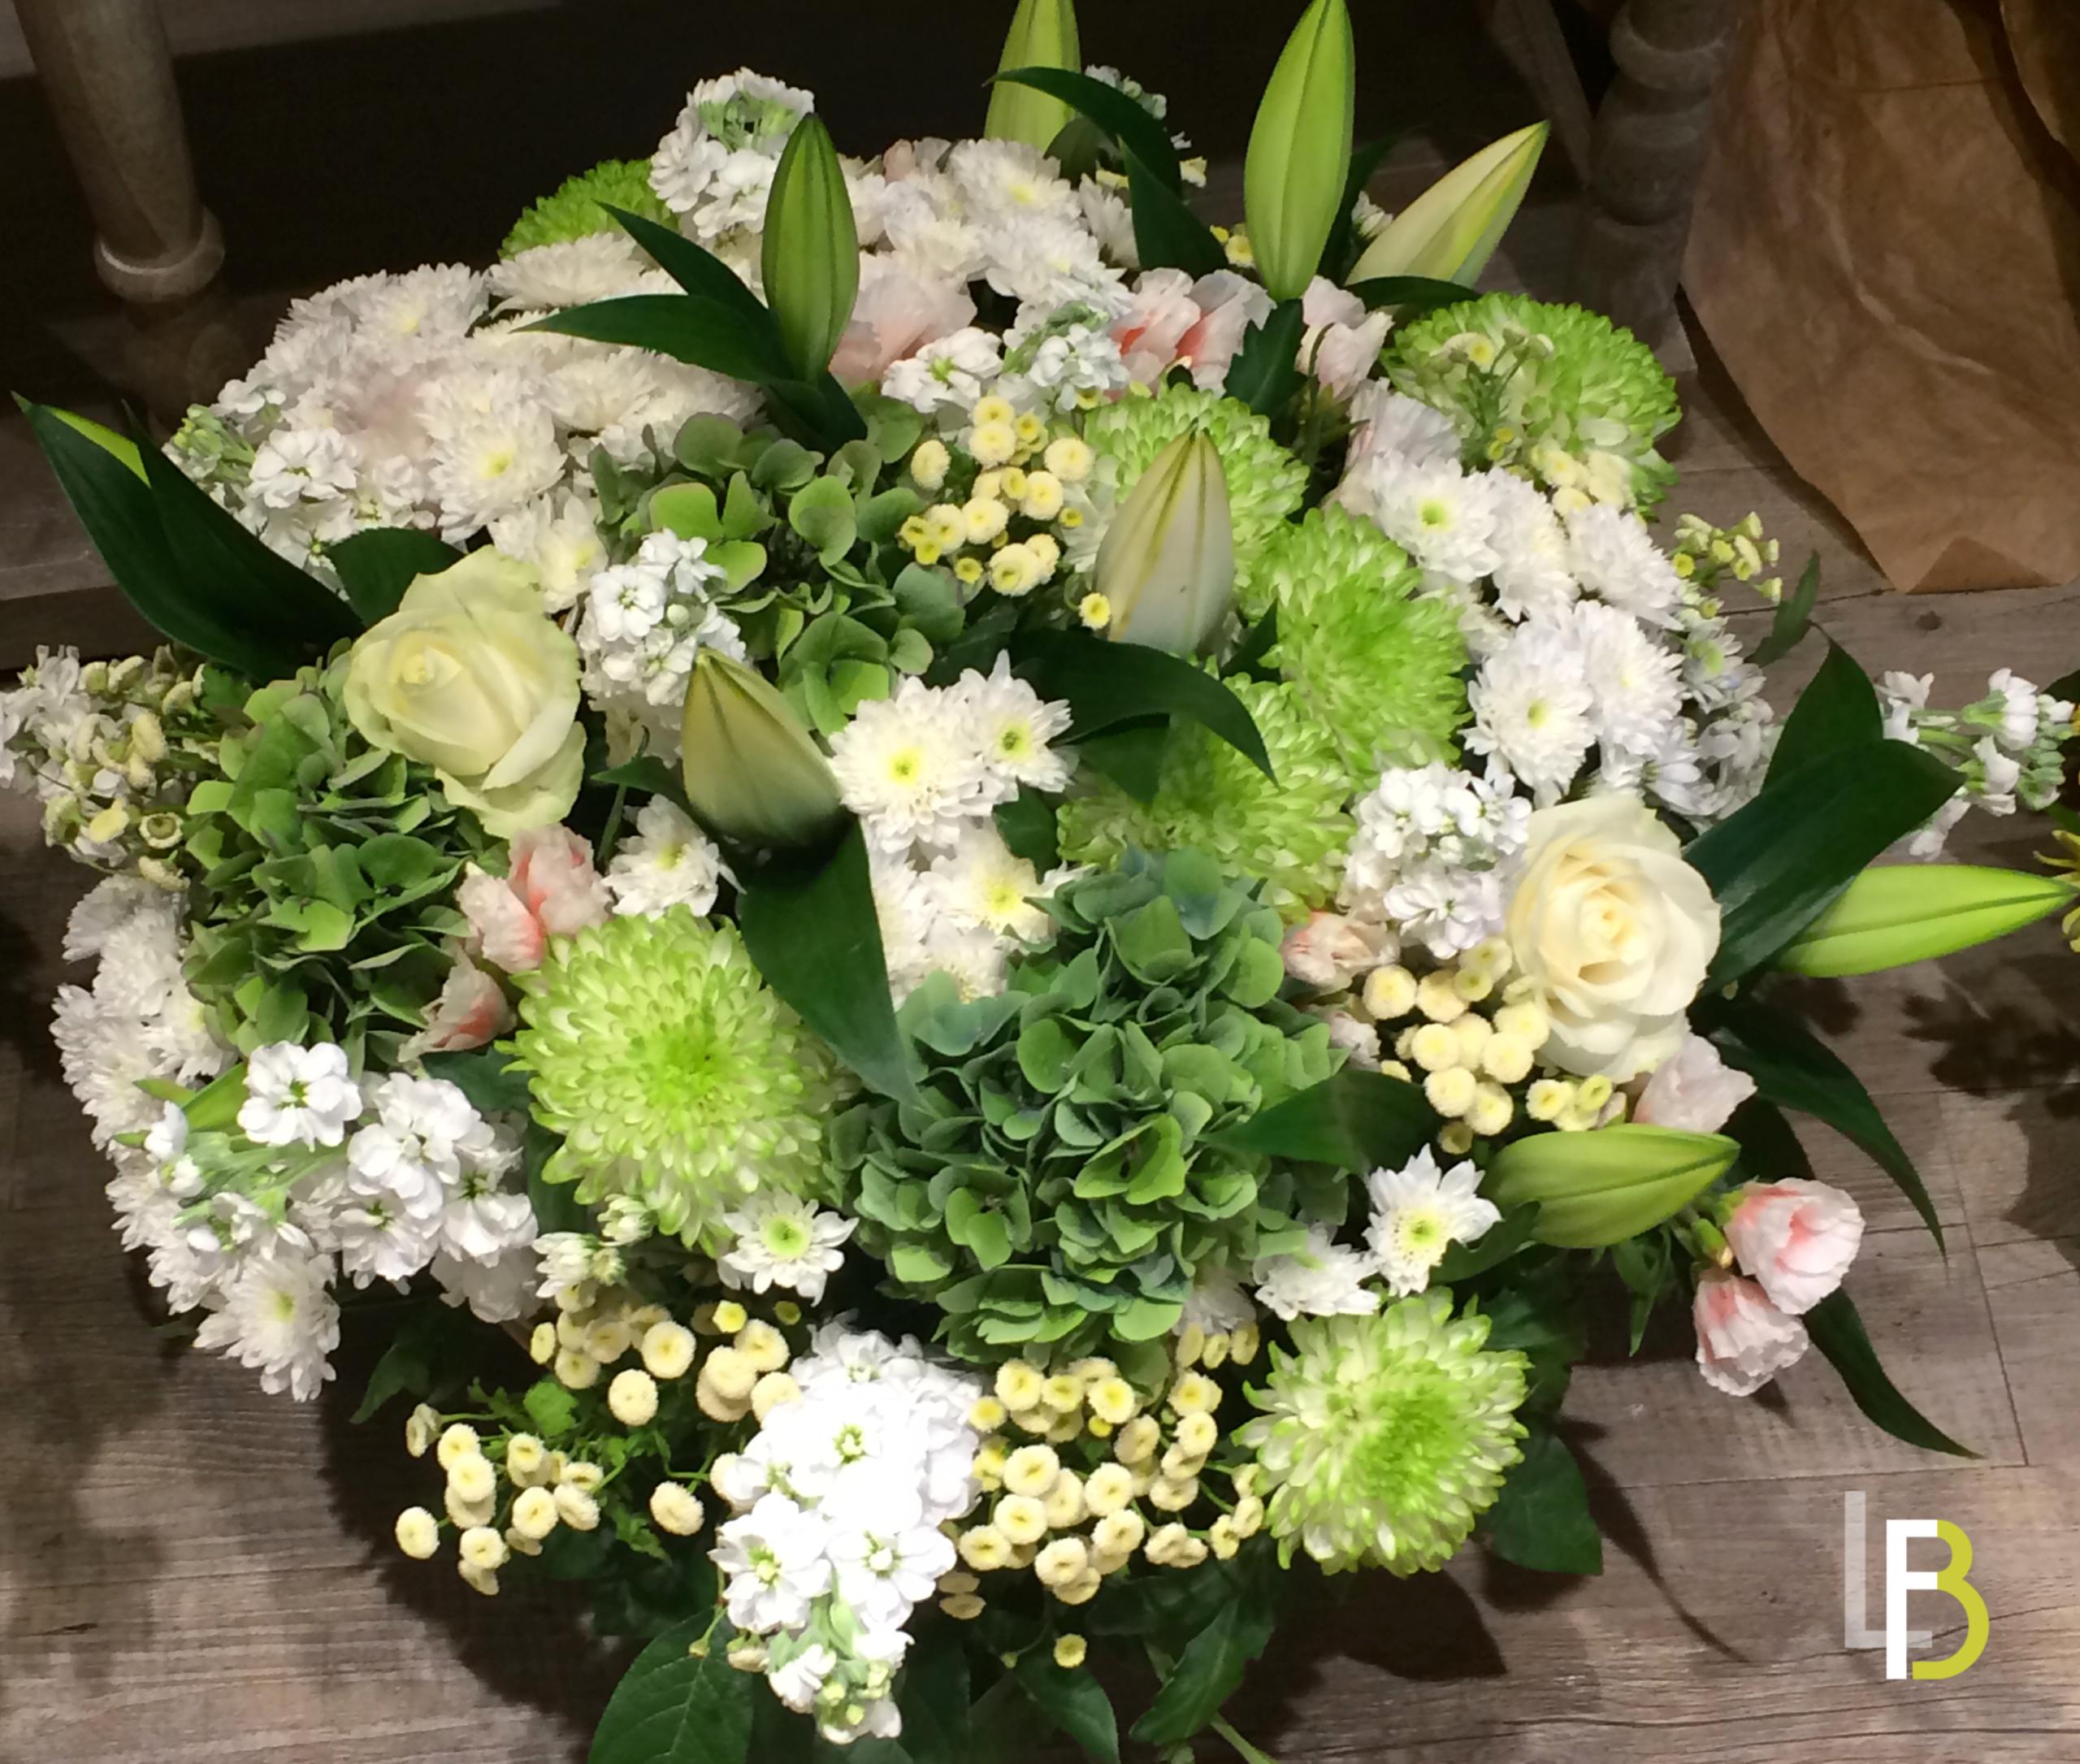 Très Deuil couronne gerbe de fleurs| LaurentB FLEURISTE à Arcueil SG58